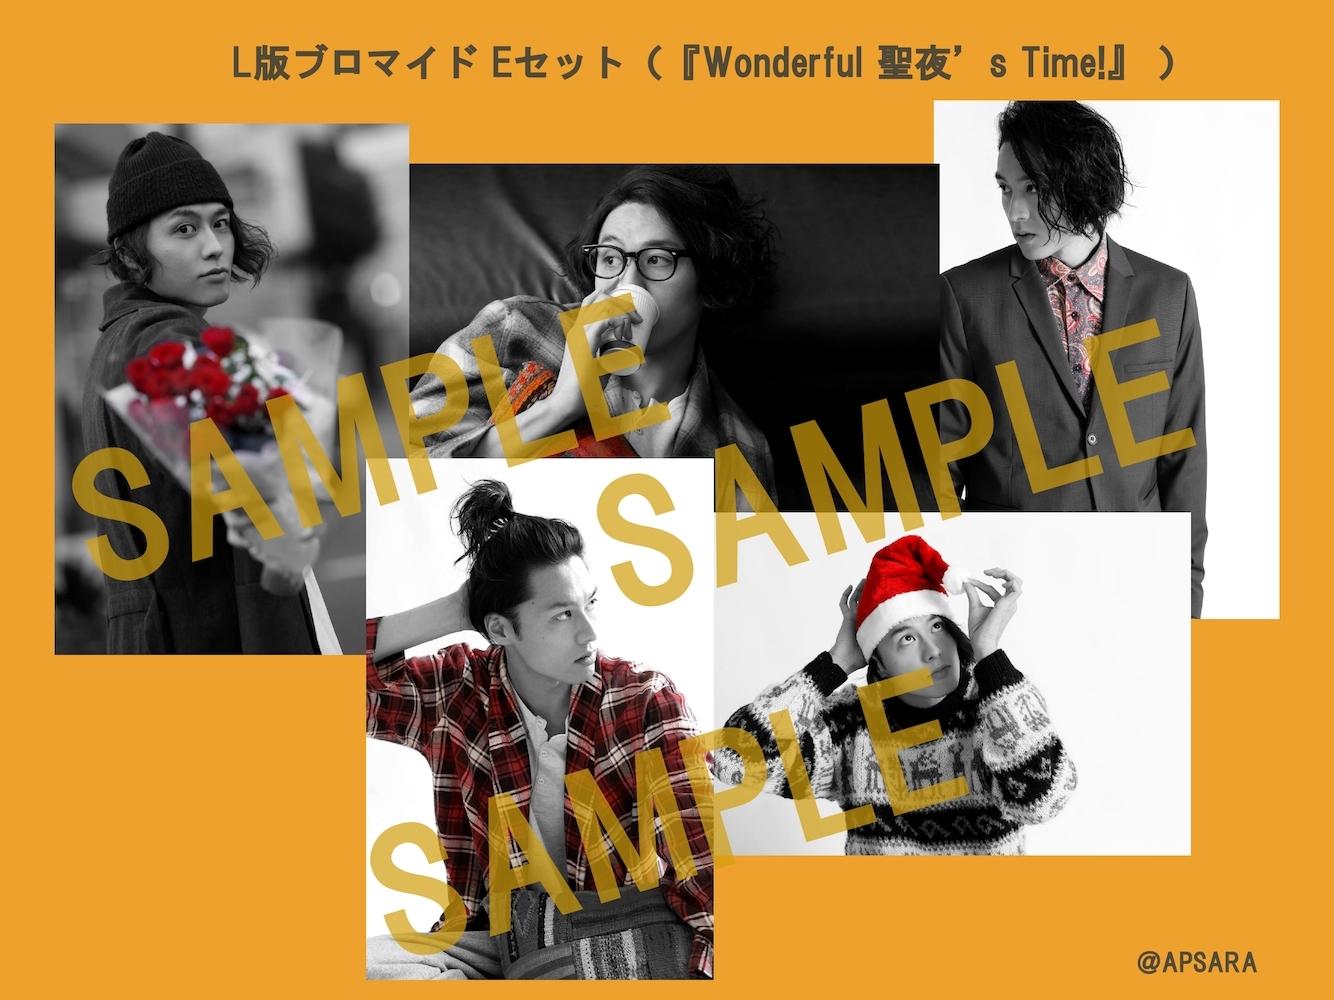 ブロマイドEセット(『Wonderful 聖夜's Time!』 )